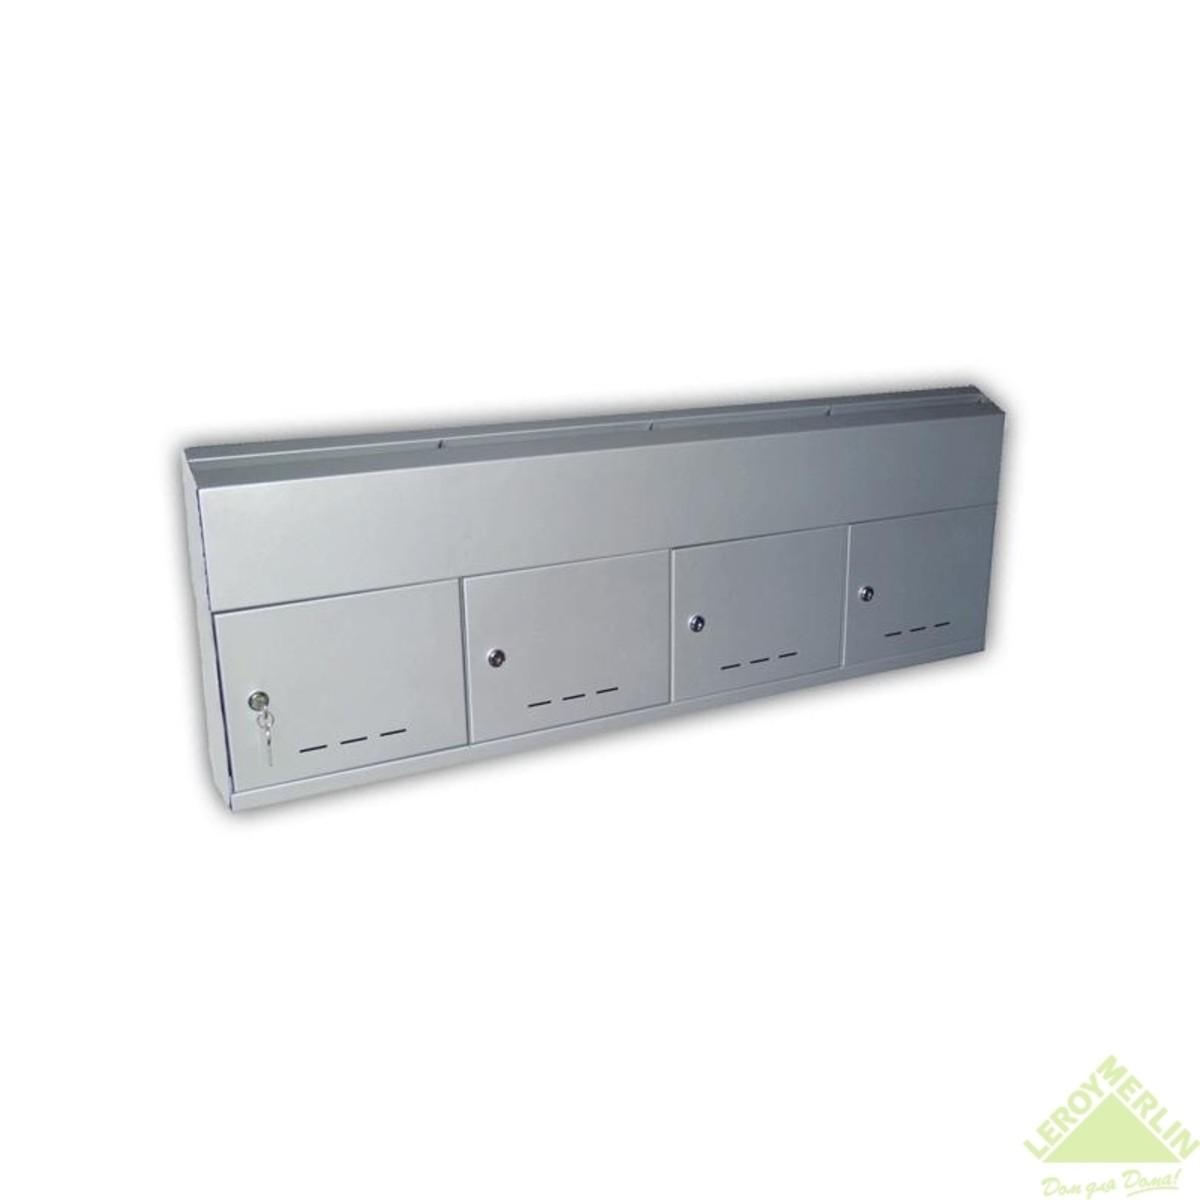 Ящик почтовый ГПЯ-4 4-секции горизонтальный цвет серый